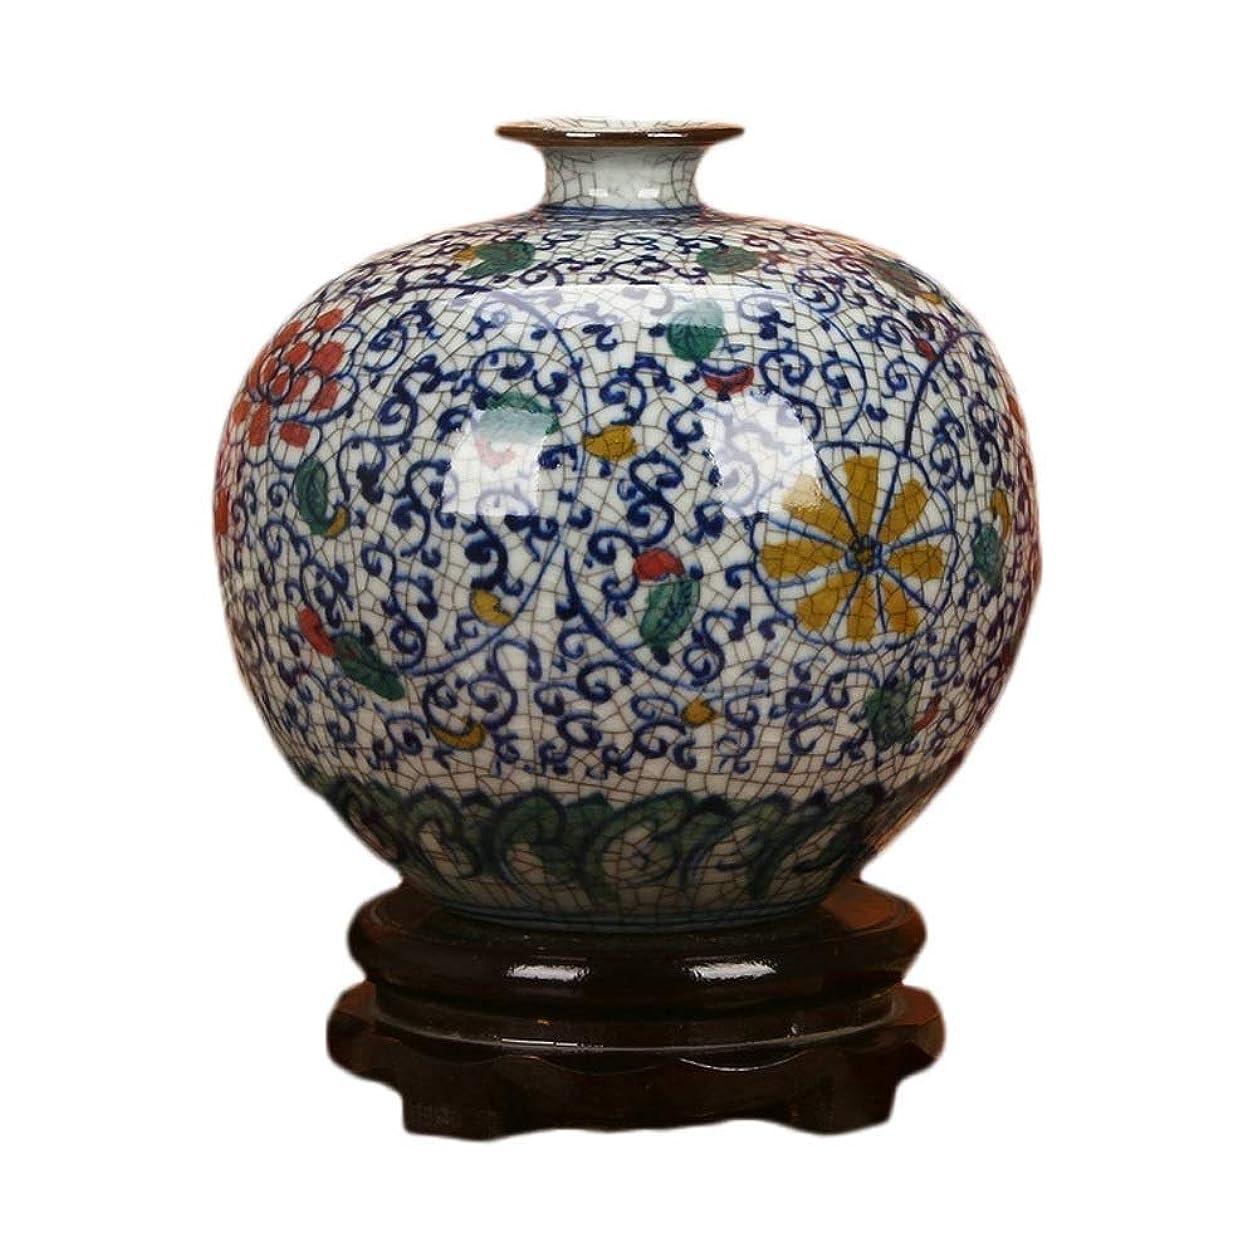 均等に認める無秩序古典的な花瓶、手描きの多色ひびが入った釉薬青と白の磁器の花ザクロ花瓶中国の装飾品